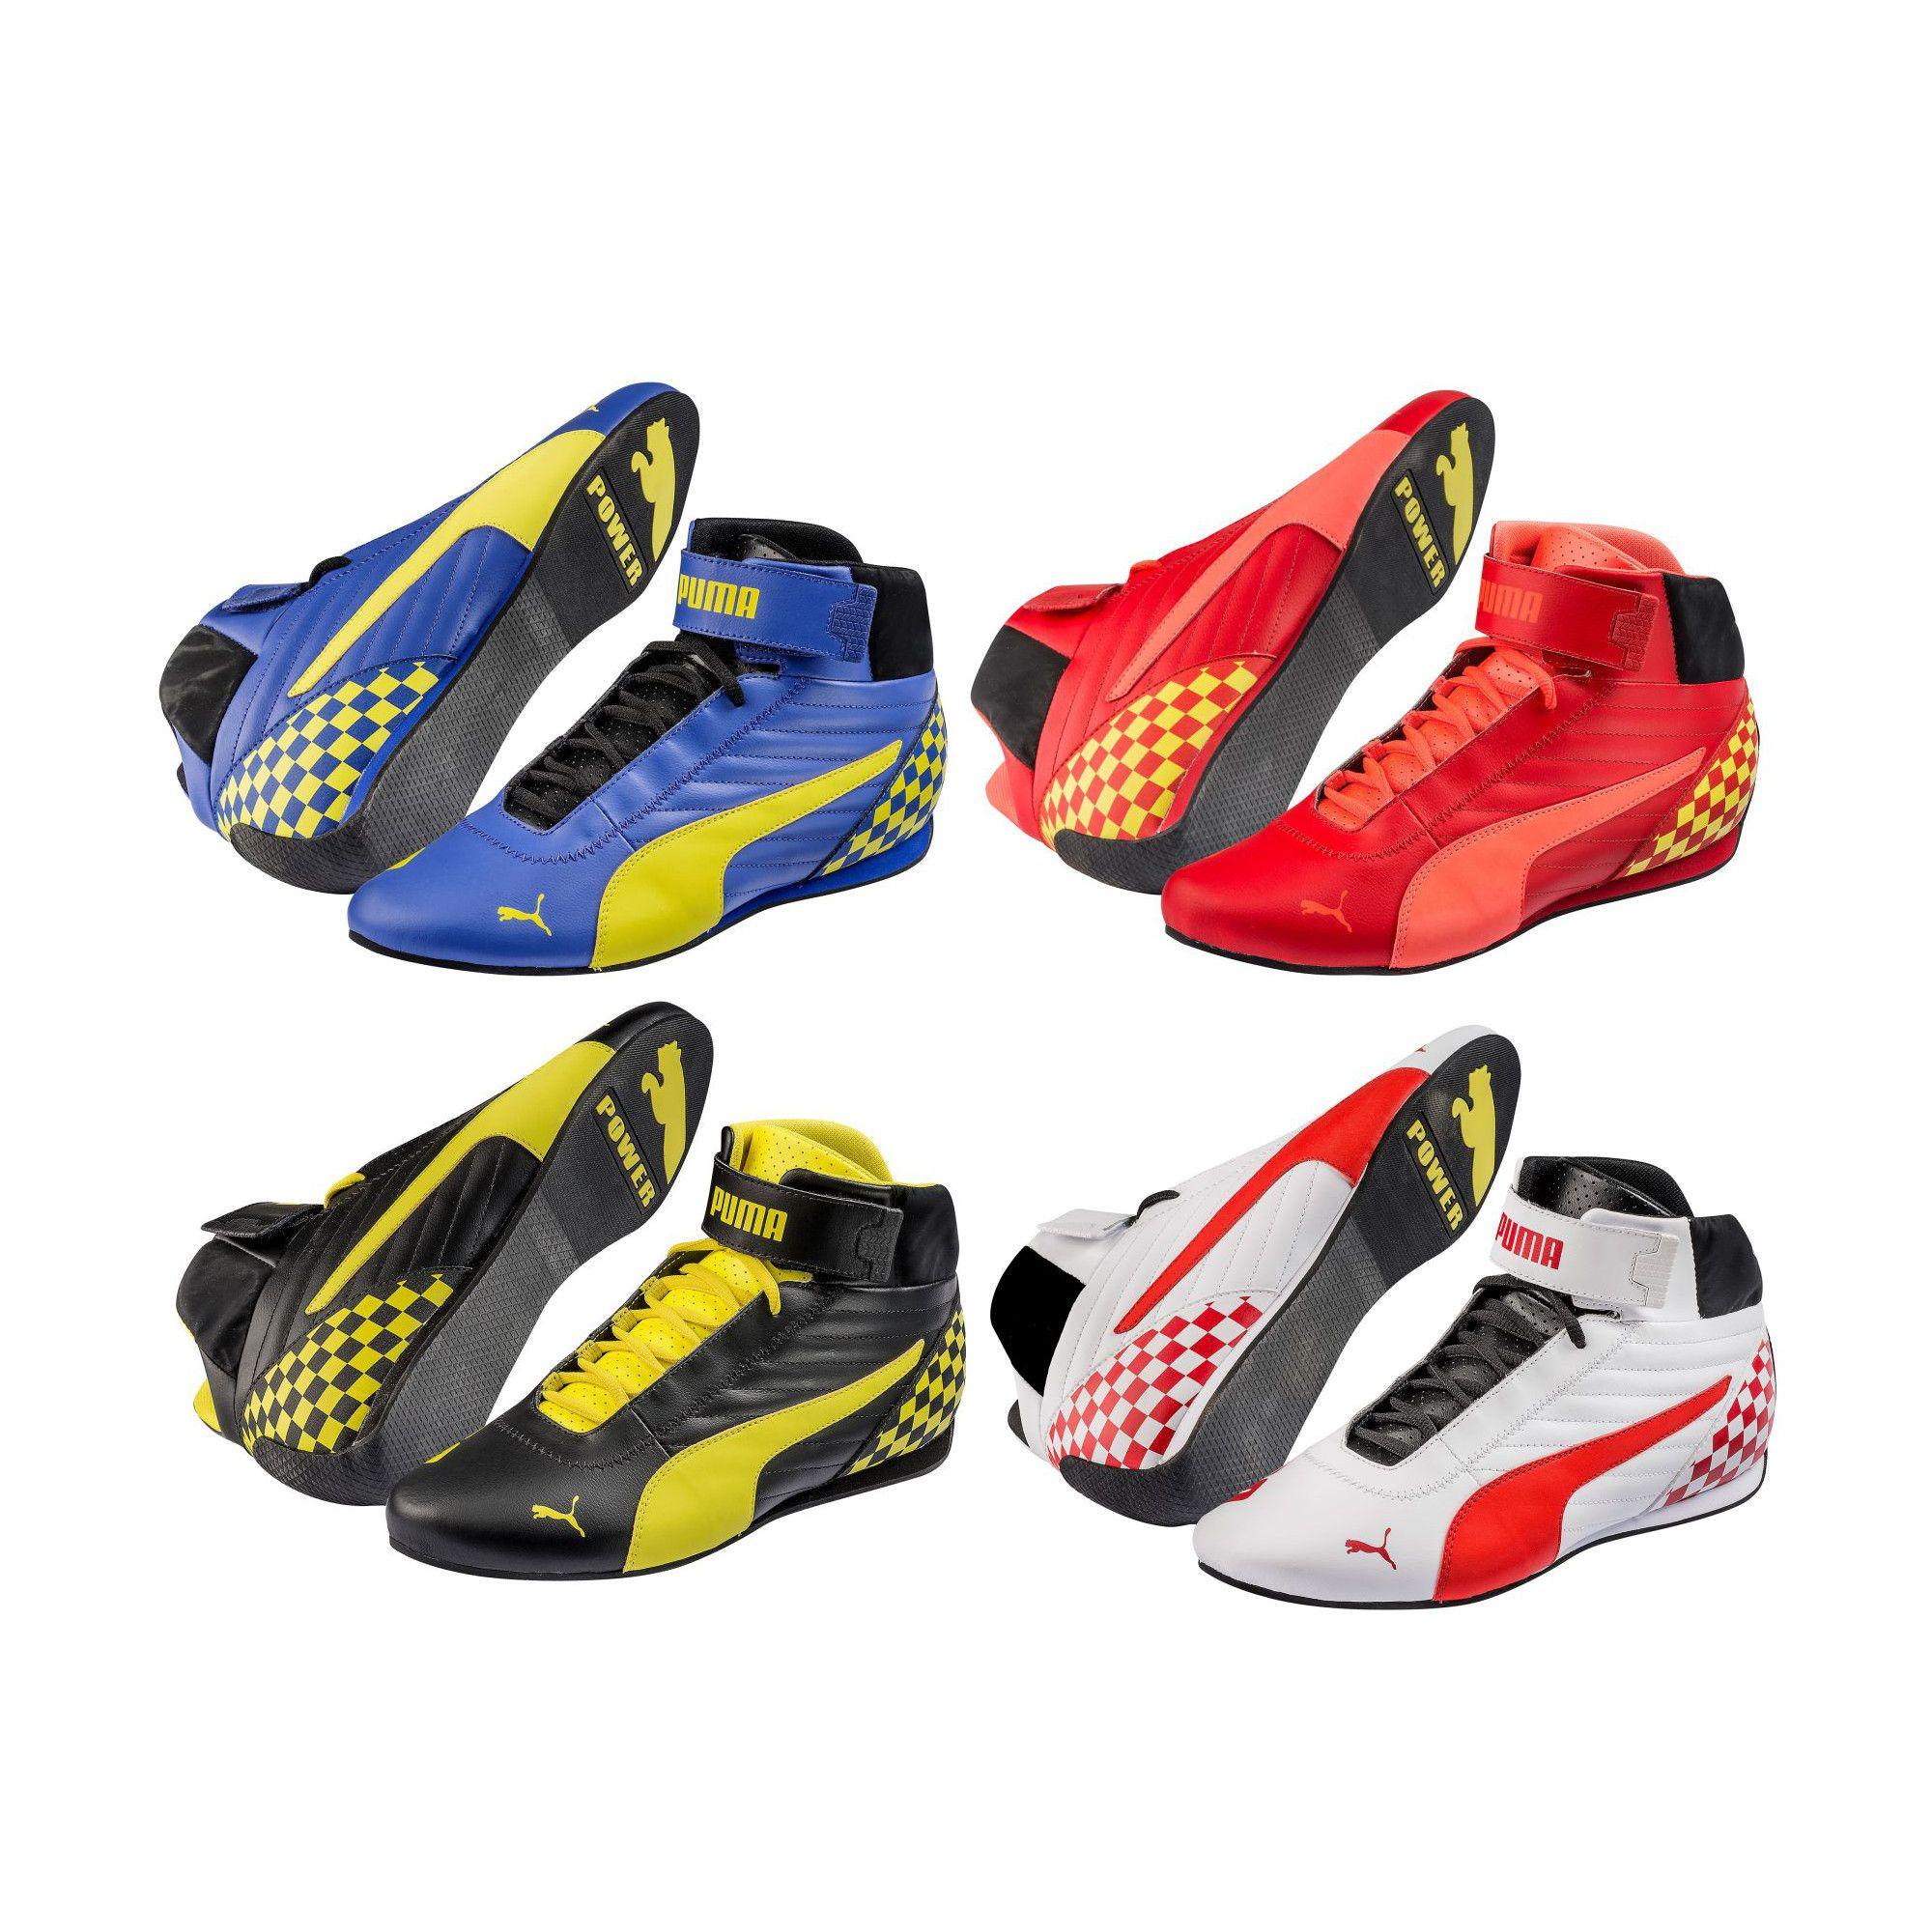 le dernier 1f3af 3b1fc Details about Puma Kart Cat Mid II Leather Go-Kart Race Racing Track  Karting Boots